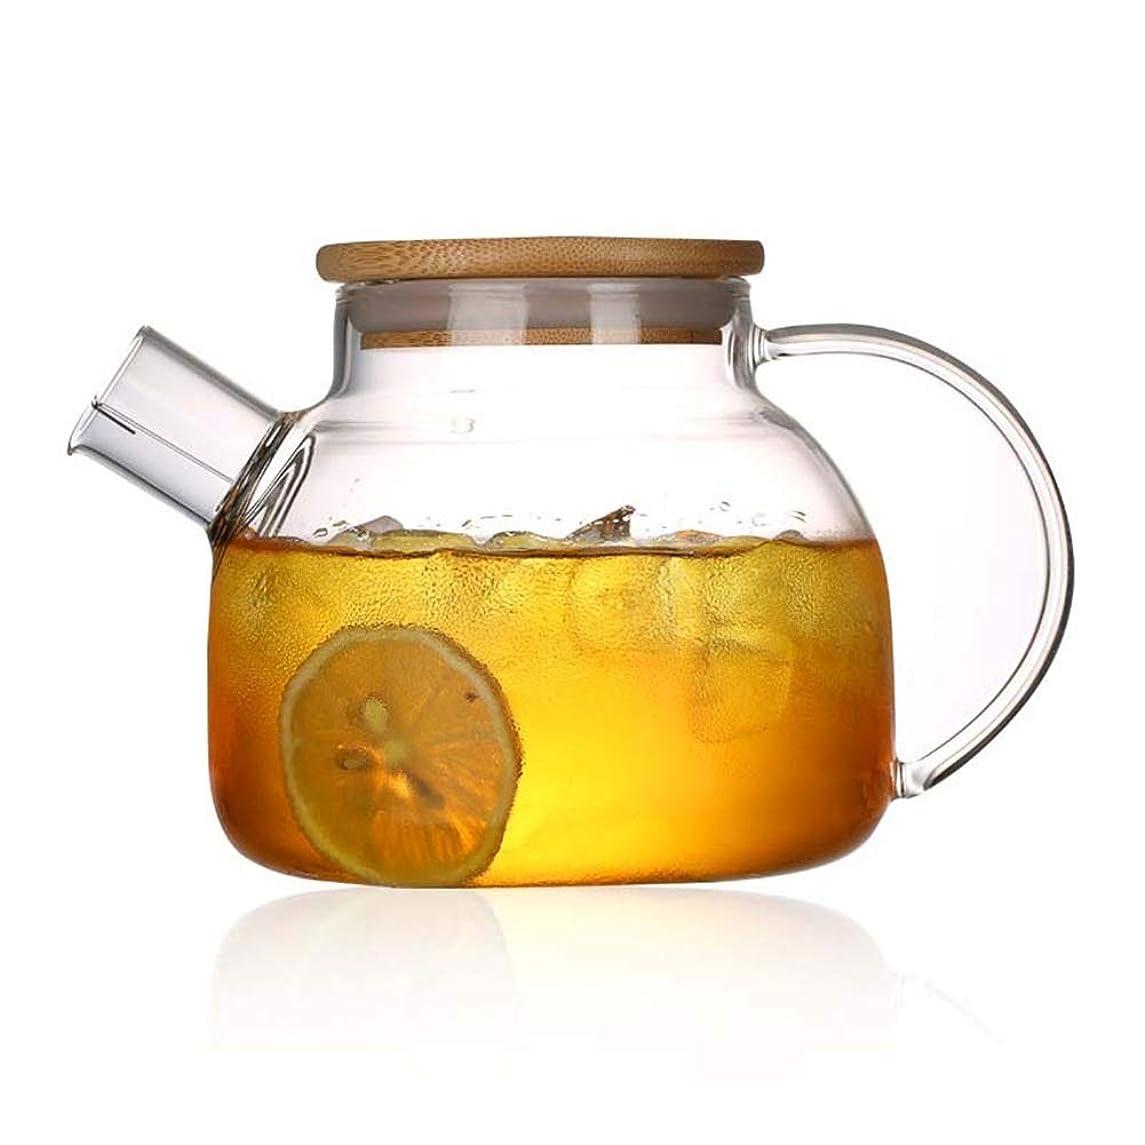 溶融おとうさんびっくりしたWholehot 耐熱ガラスポット 冷水筒 1L 麦茶 花茶ポット木製蓋付き 冷蔵庫 直火対応 ティーポット お茶/ティー/ジュース/ミルク入れ可 ガラスピッチャー お手入れ簡単 ハンドル付き 持ちやすい